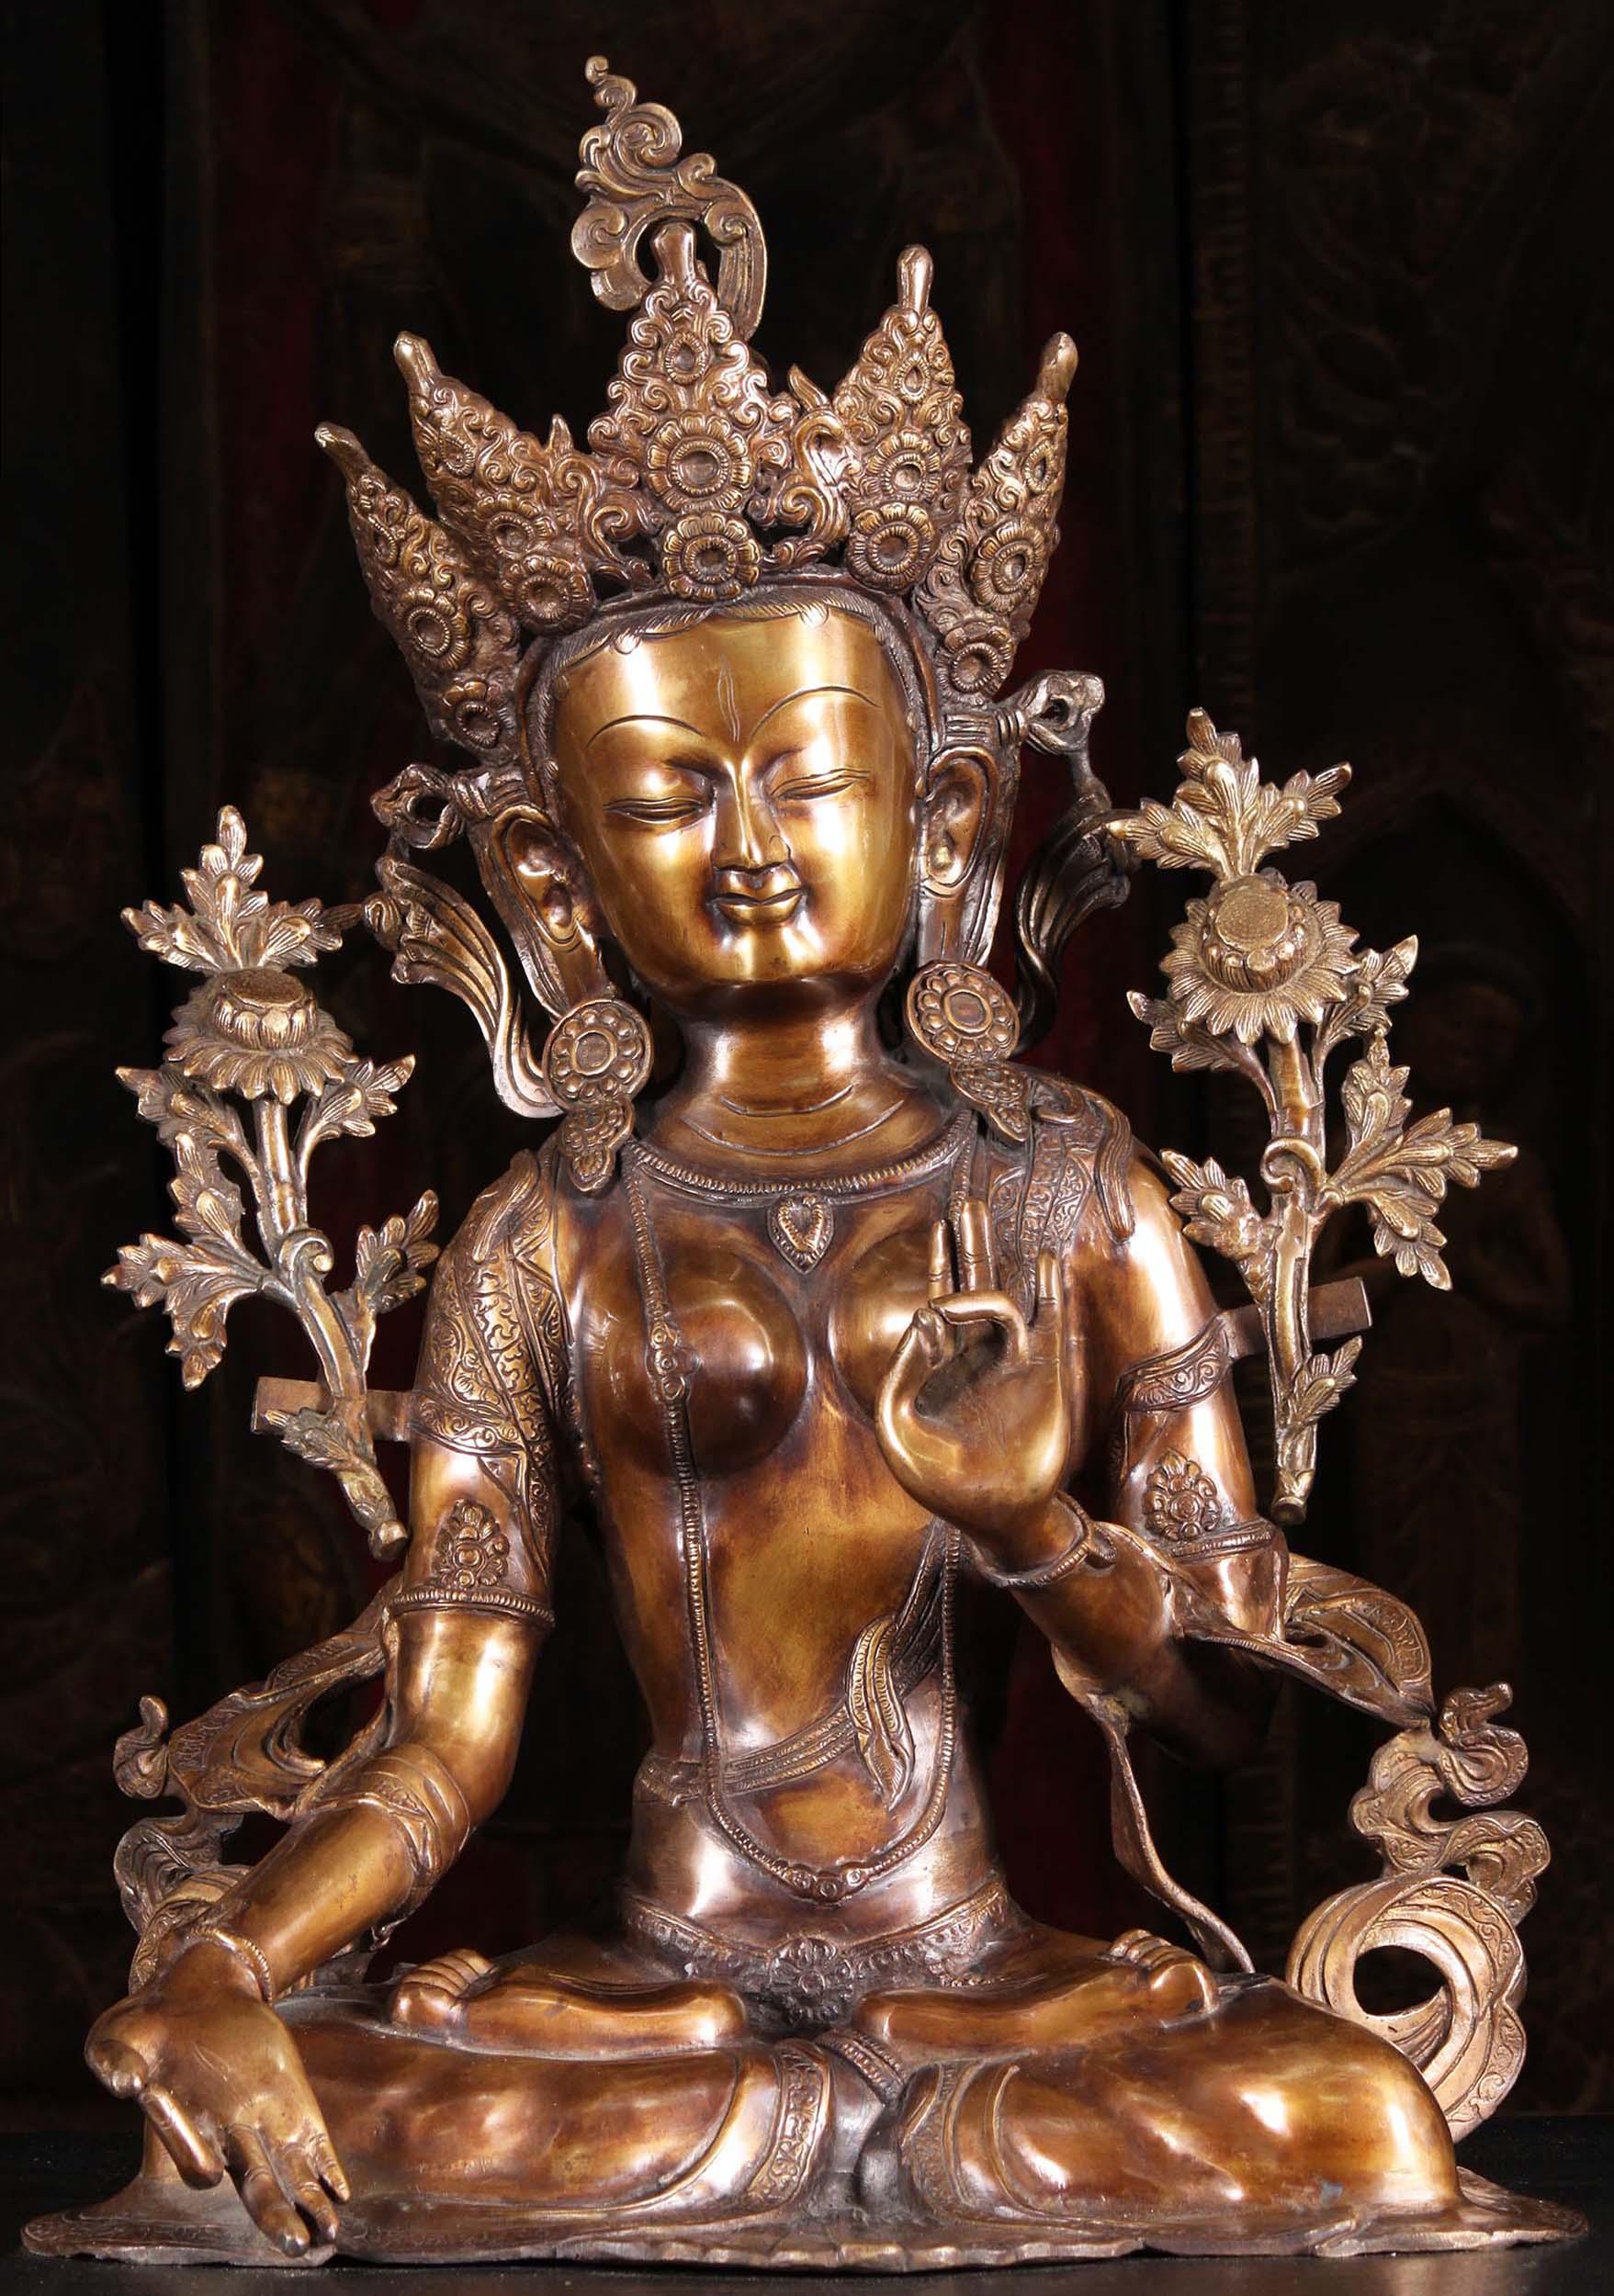 Brass Seated Padmasana White Tara Statue 28 Quot 89bs67z